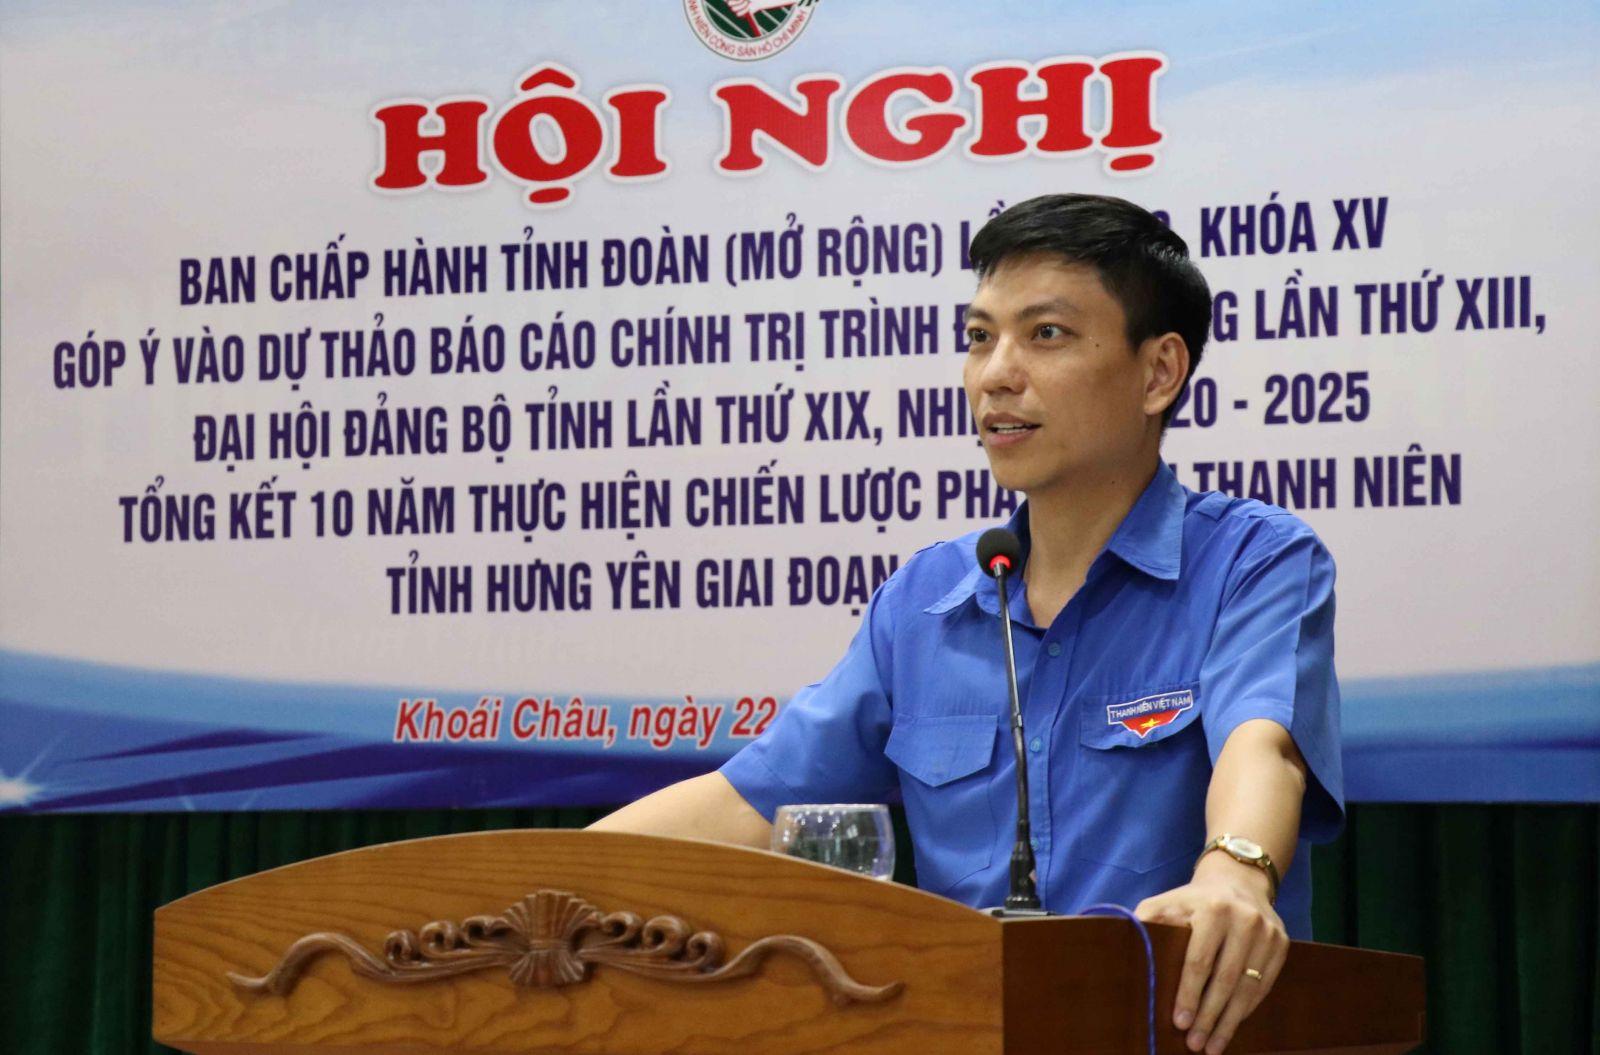 Tổng kết 10 năm thực hiện Chiến lược phát triển thanh niên tỉnh Hưng Yên giai đoạn 2011 - 2020